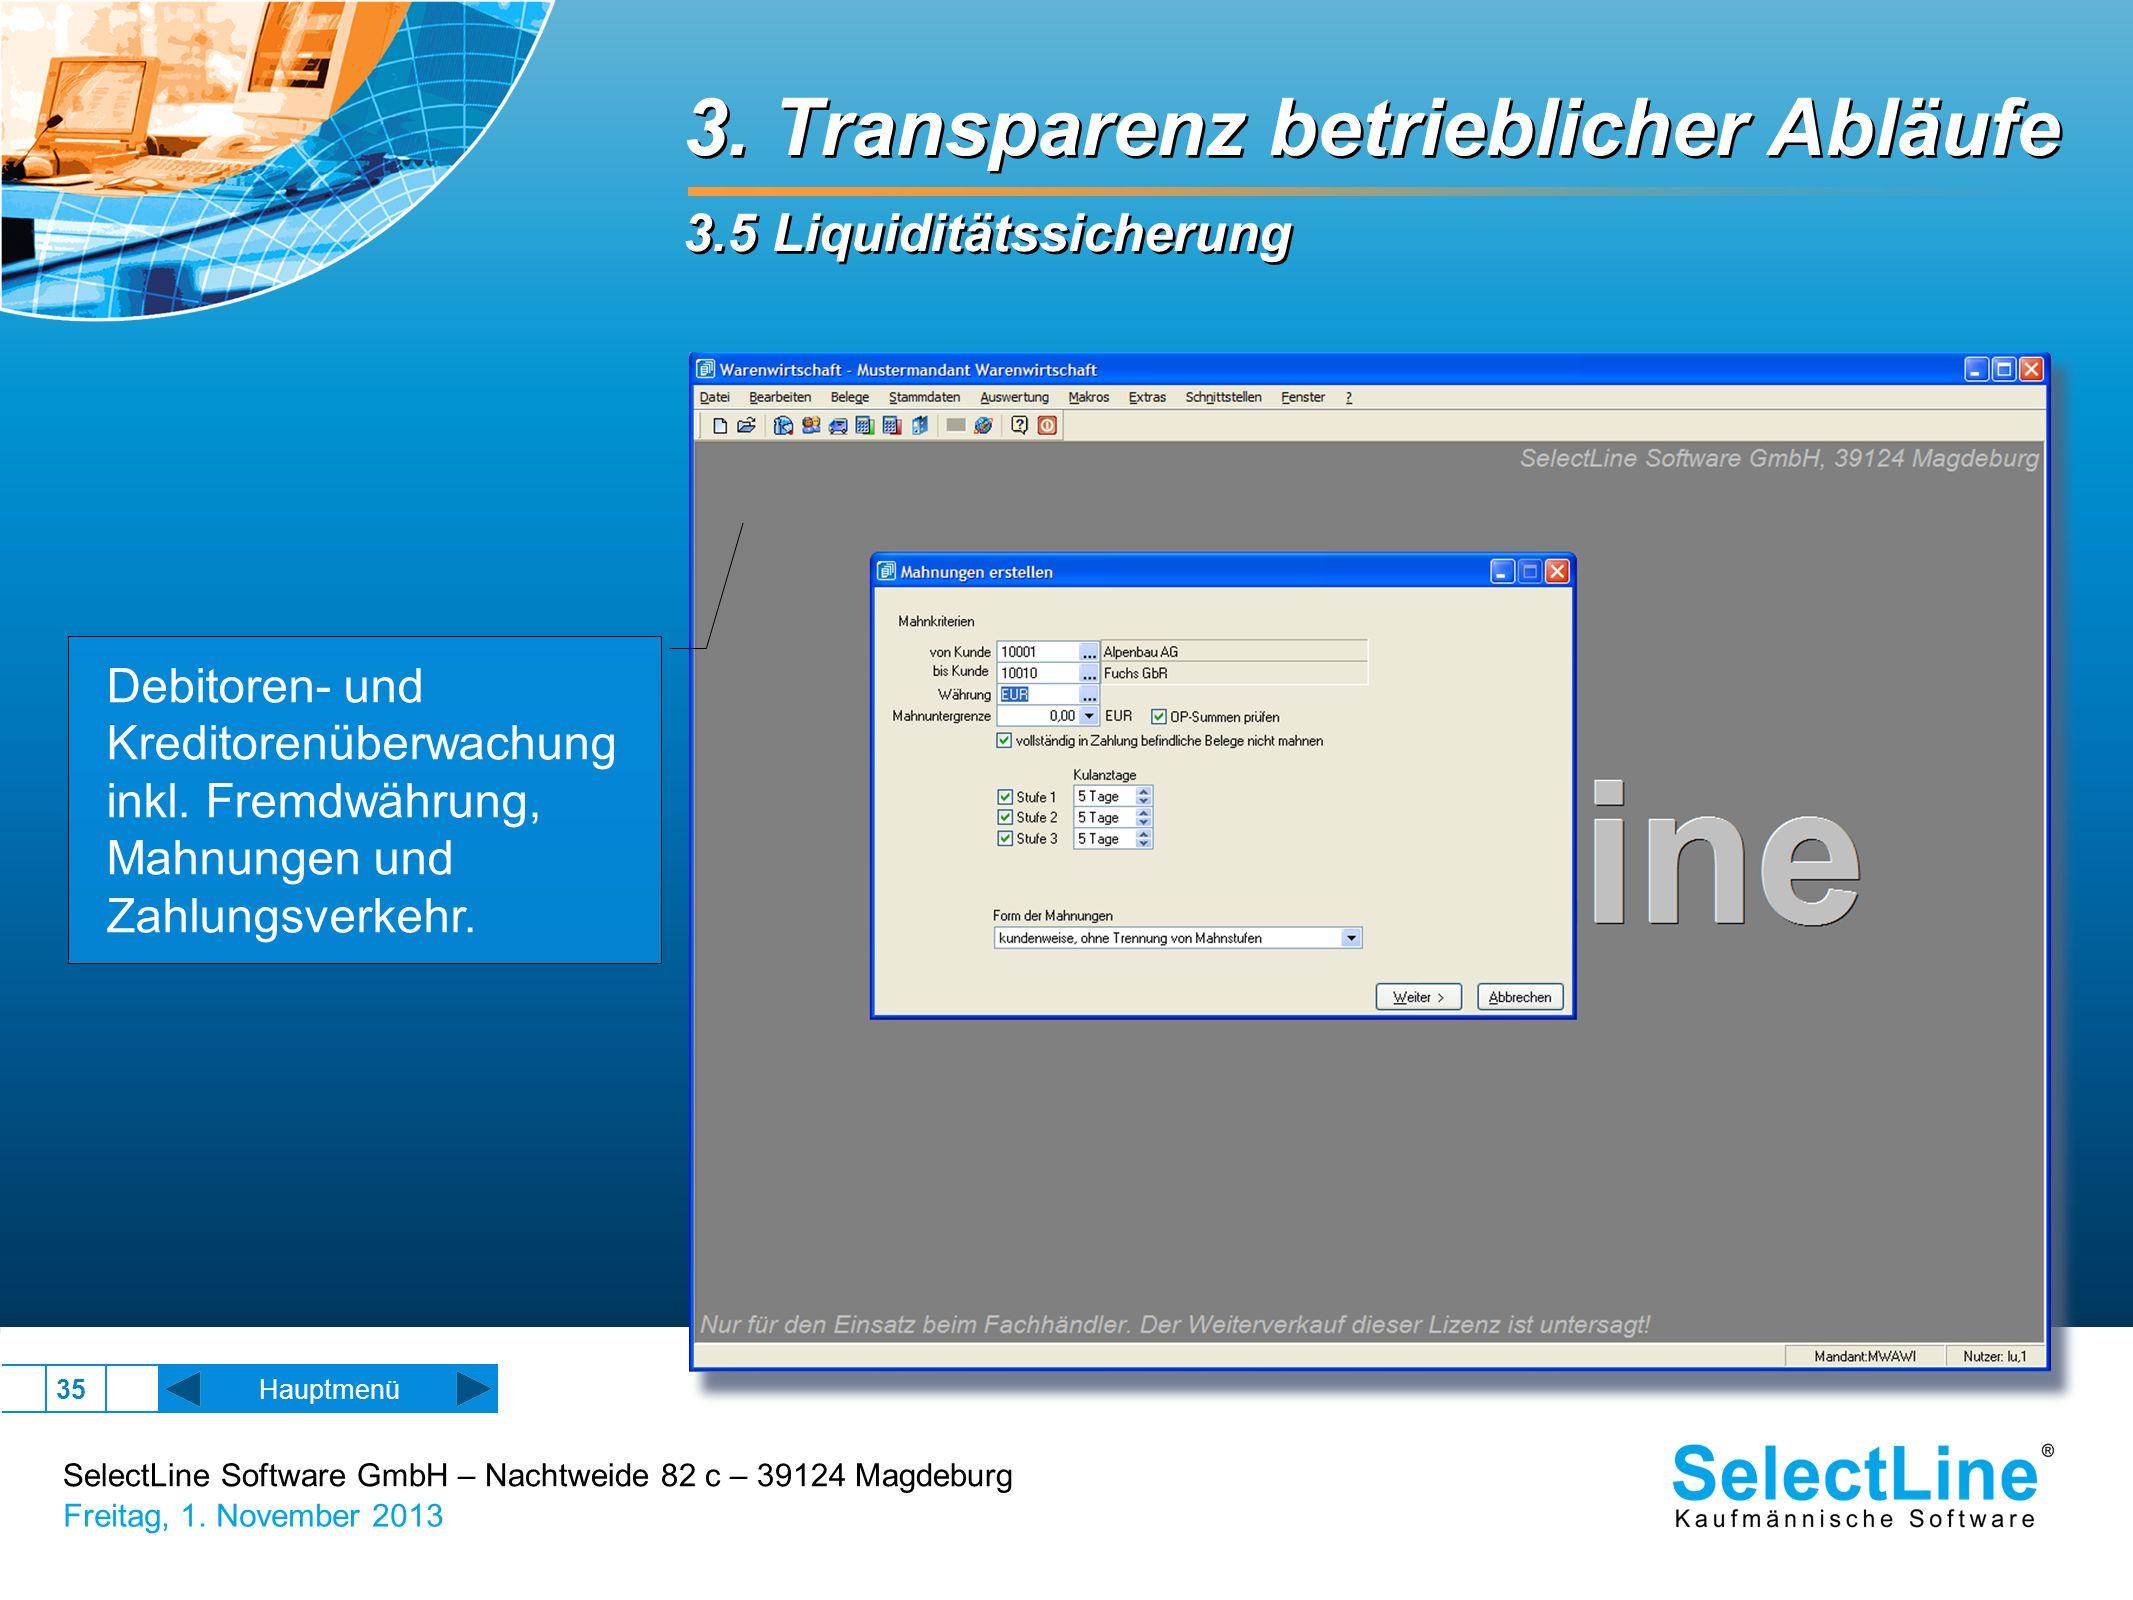 SelectLine Software GmbH – Nachtweide 82 c – 39124 Magdeburg Freitag, 1. November 2013 35 3. Transparenz betrieblicher Abläufe 3.5 Liquiditätssicherun